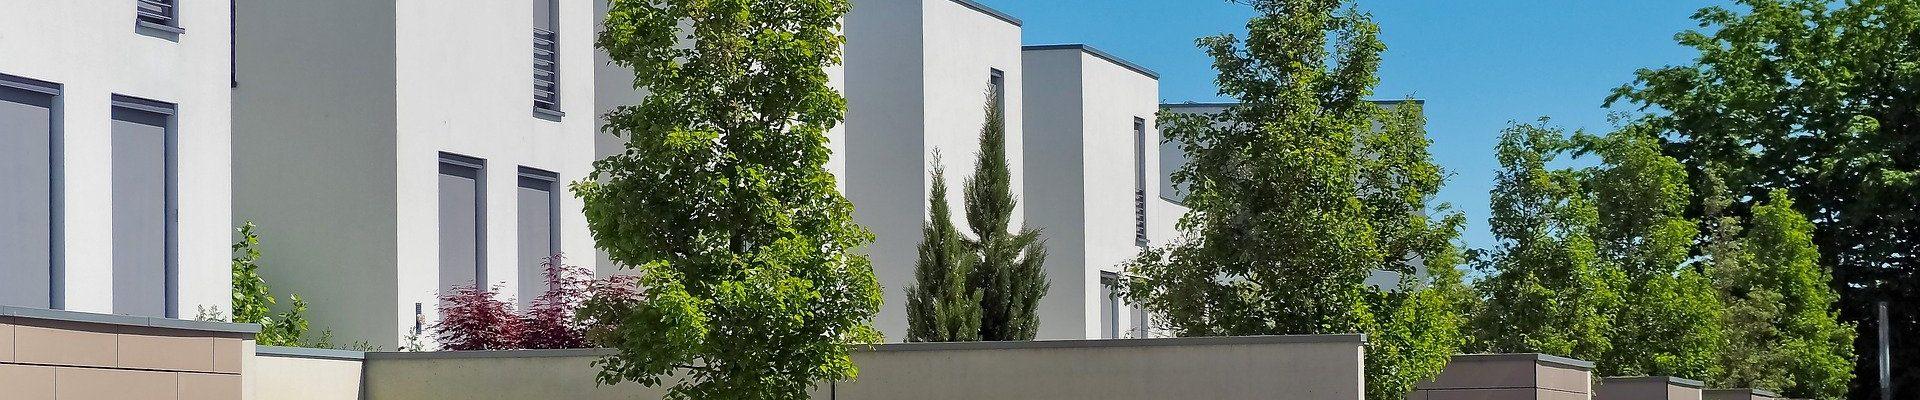 architecture-3383067_1920